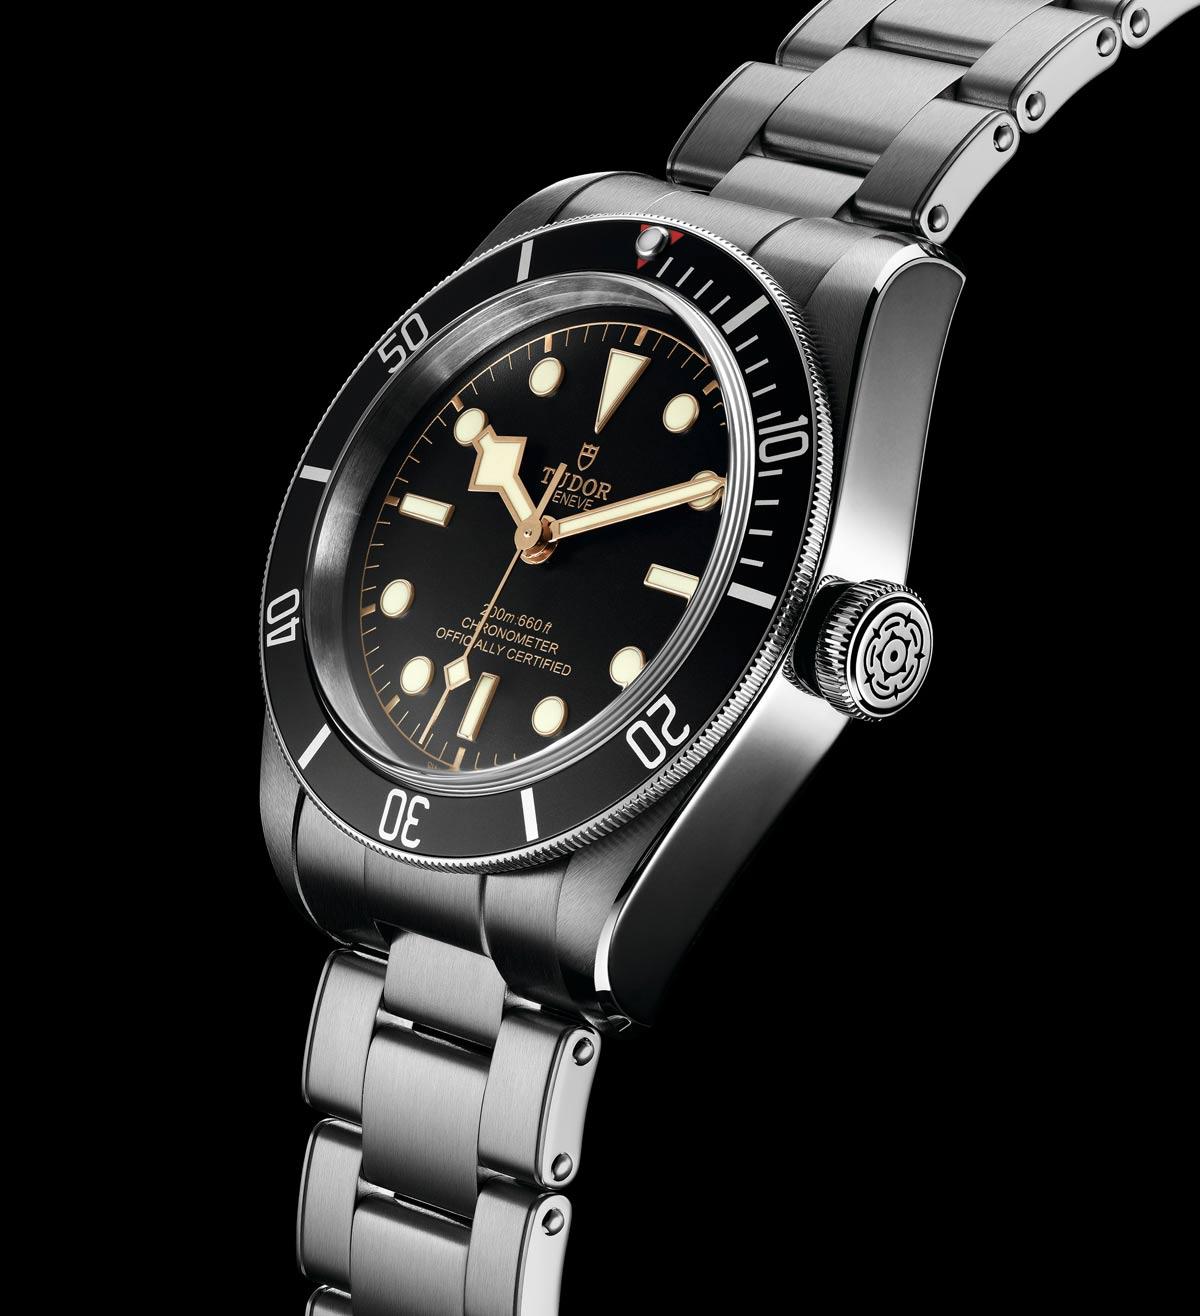 921bee5f 79230N Steel bracelet Tudor Heritage цена за оригинал